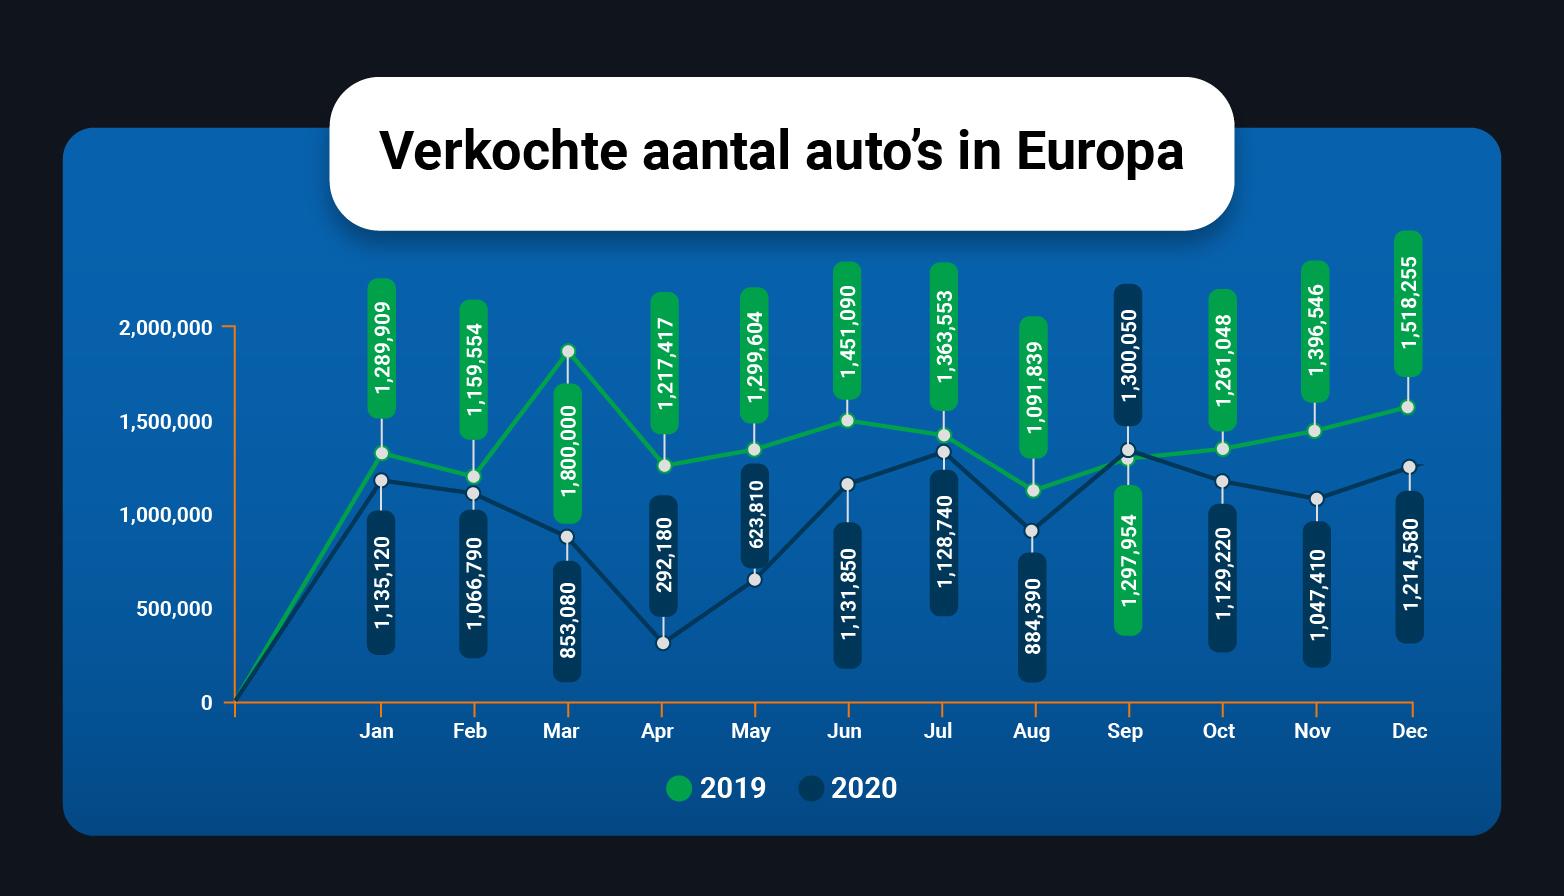 Vergelijking van het aantal verkochte auto's in Europa in 2019 en 2020